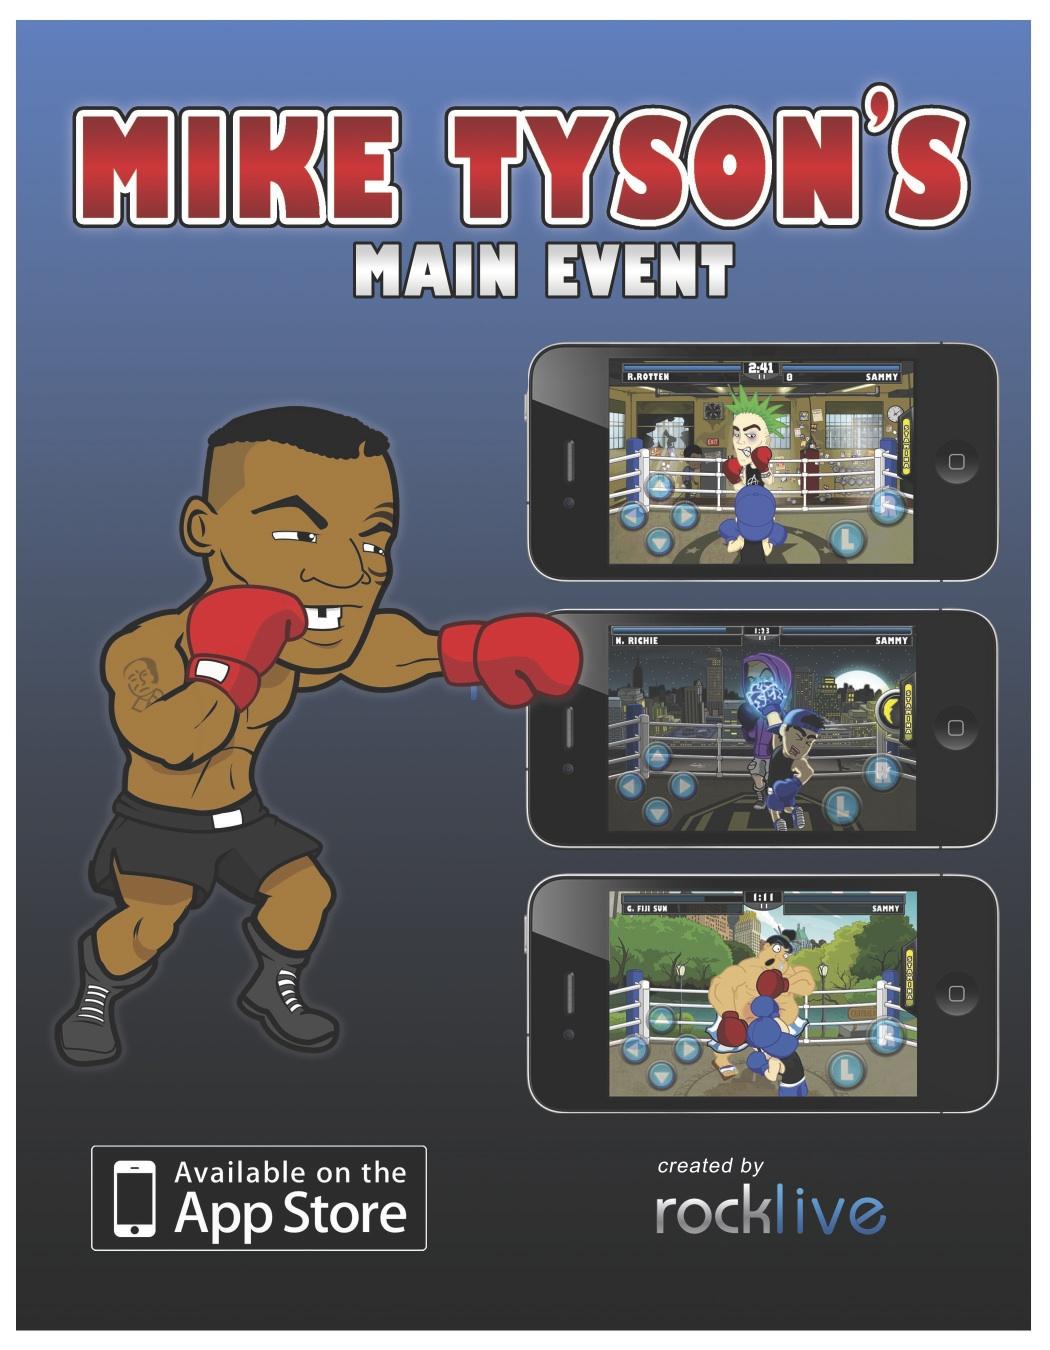 http://4.bp.blogspot.com/-dmV8s8JbUUI/TZNTymdEUpI/AAAAAAAAASA/0rbcAQM2-ZI/s1600/Tyson-Main-Event-screen-shots-Punch-Out.jpg